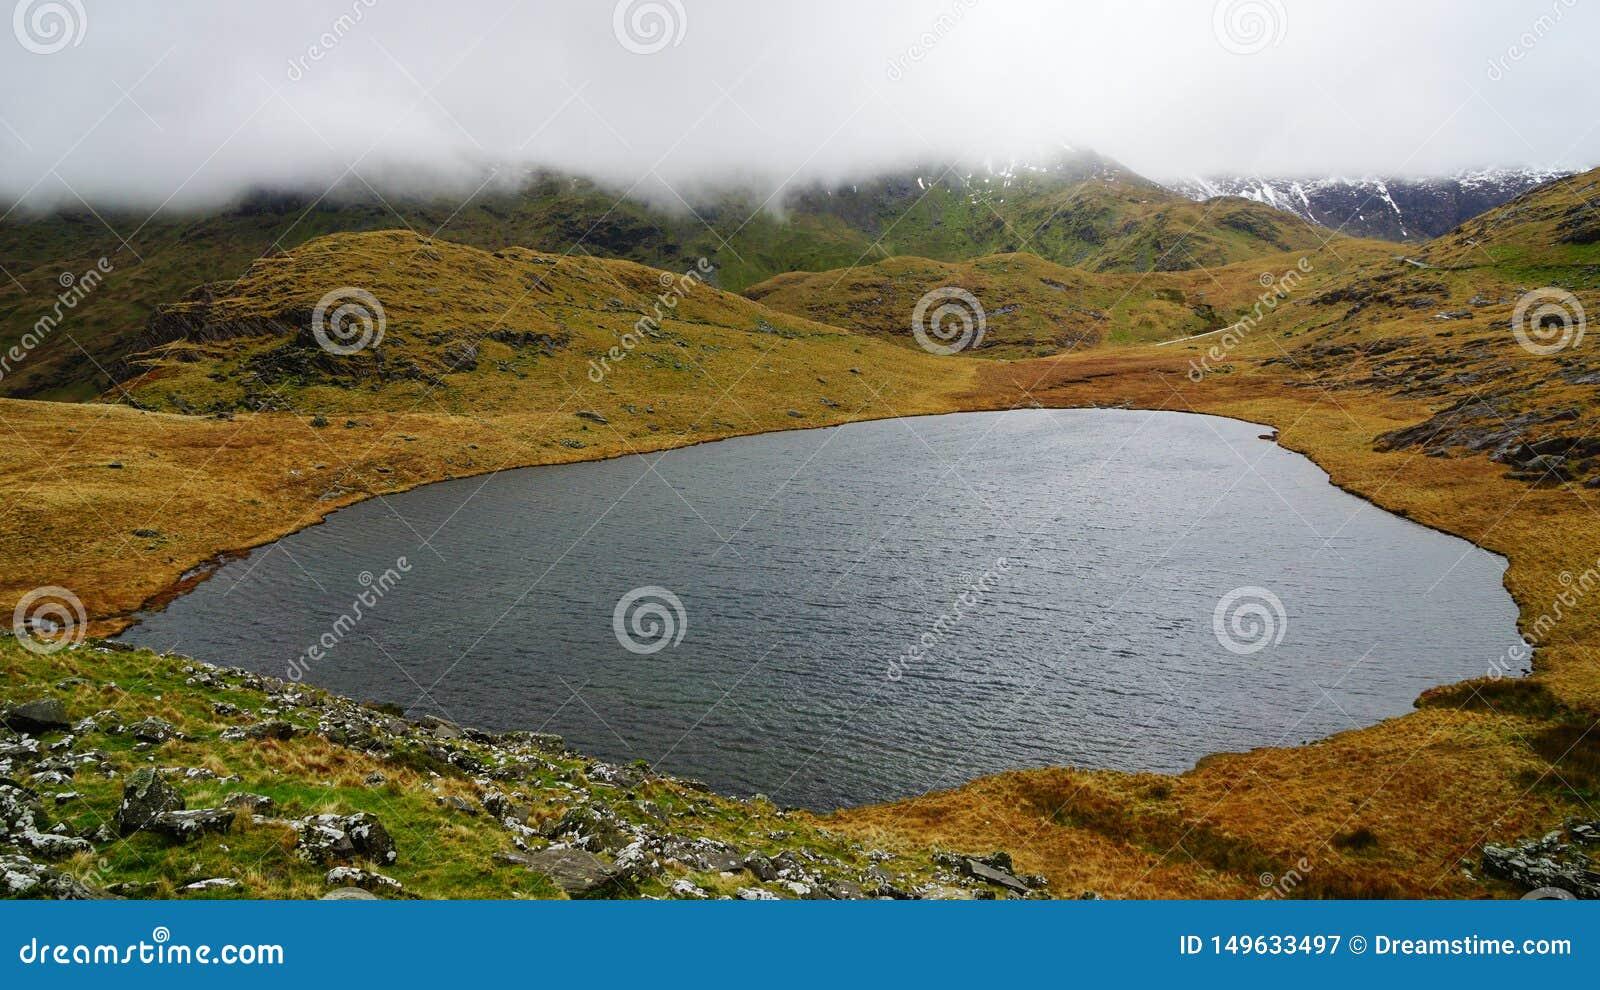 Όμορφη λίμνη στο εθνικό πάρκο Snowdonia, Ουαλία, Ηνωμένο Βασίλειο